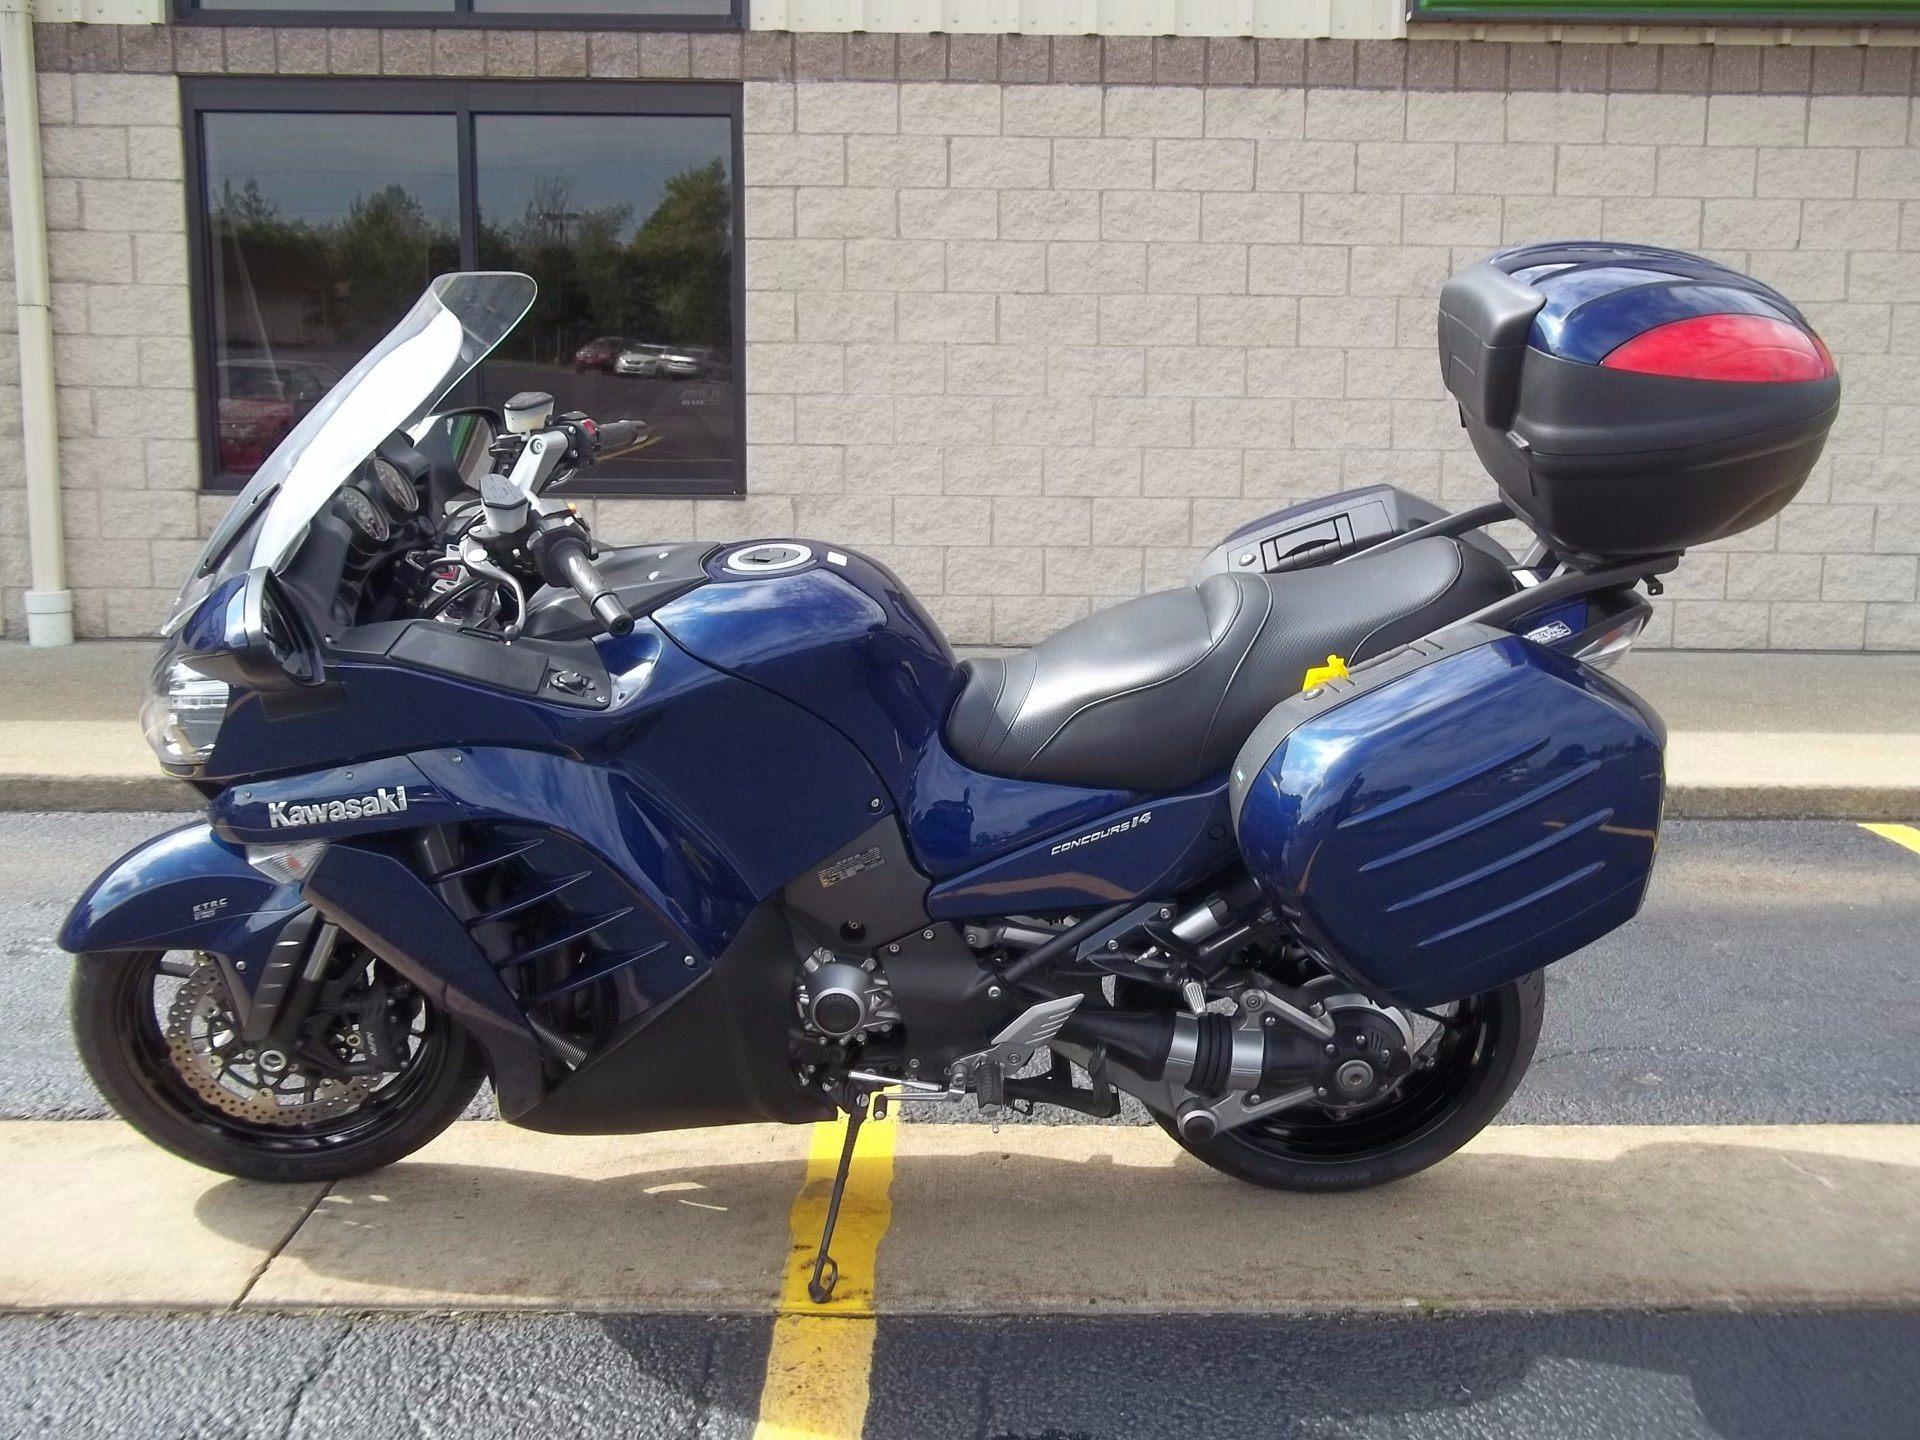 2013 Kawasaki Concours™ 14 ABS in Canton, Ohio